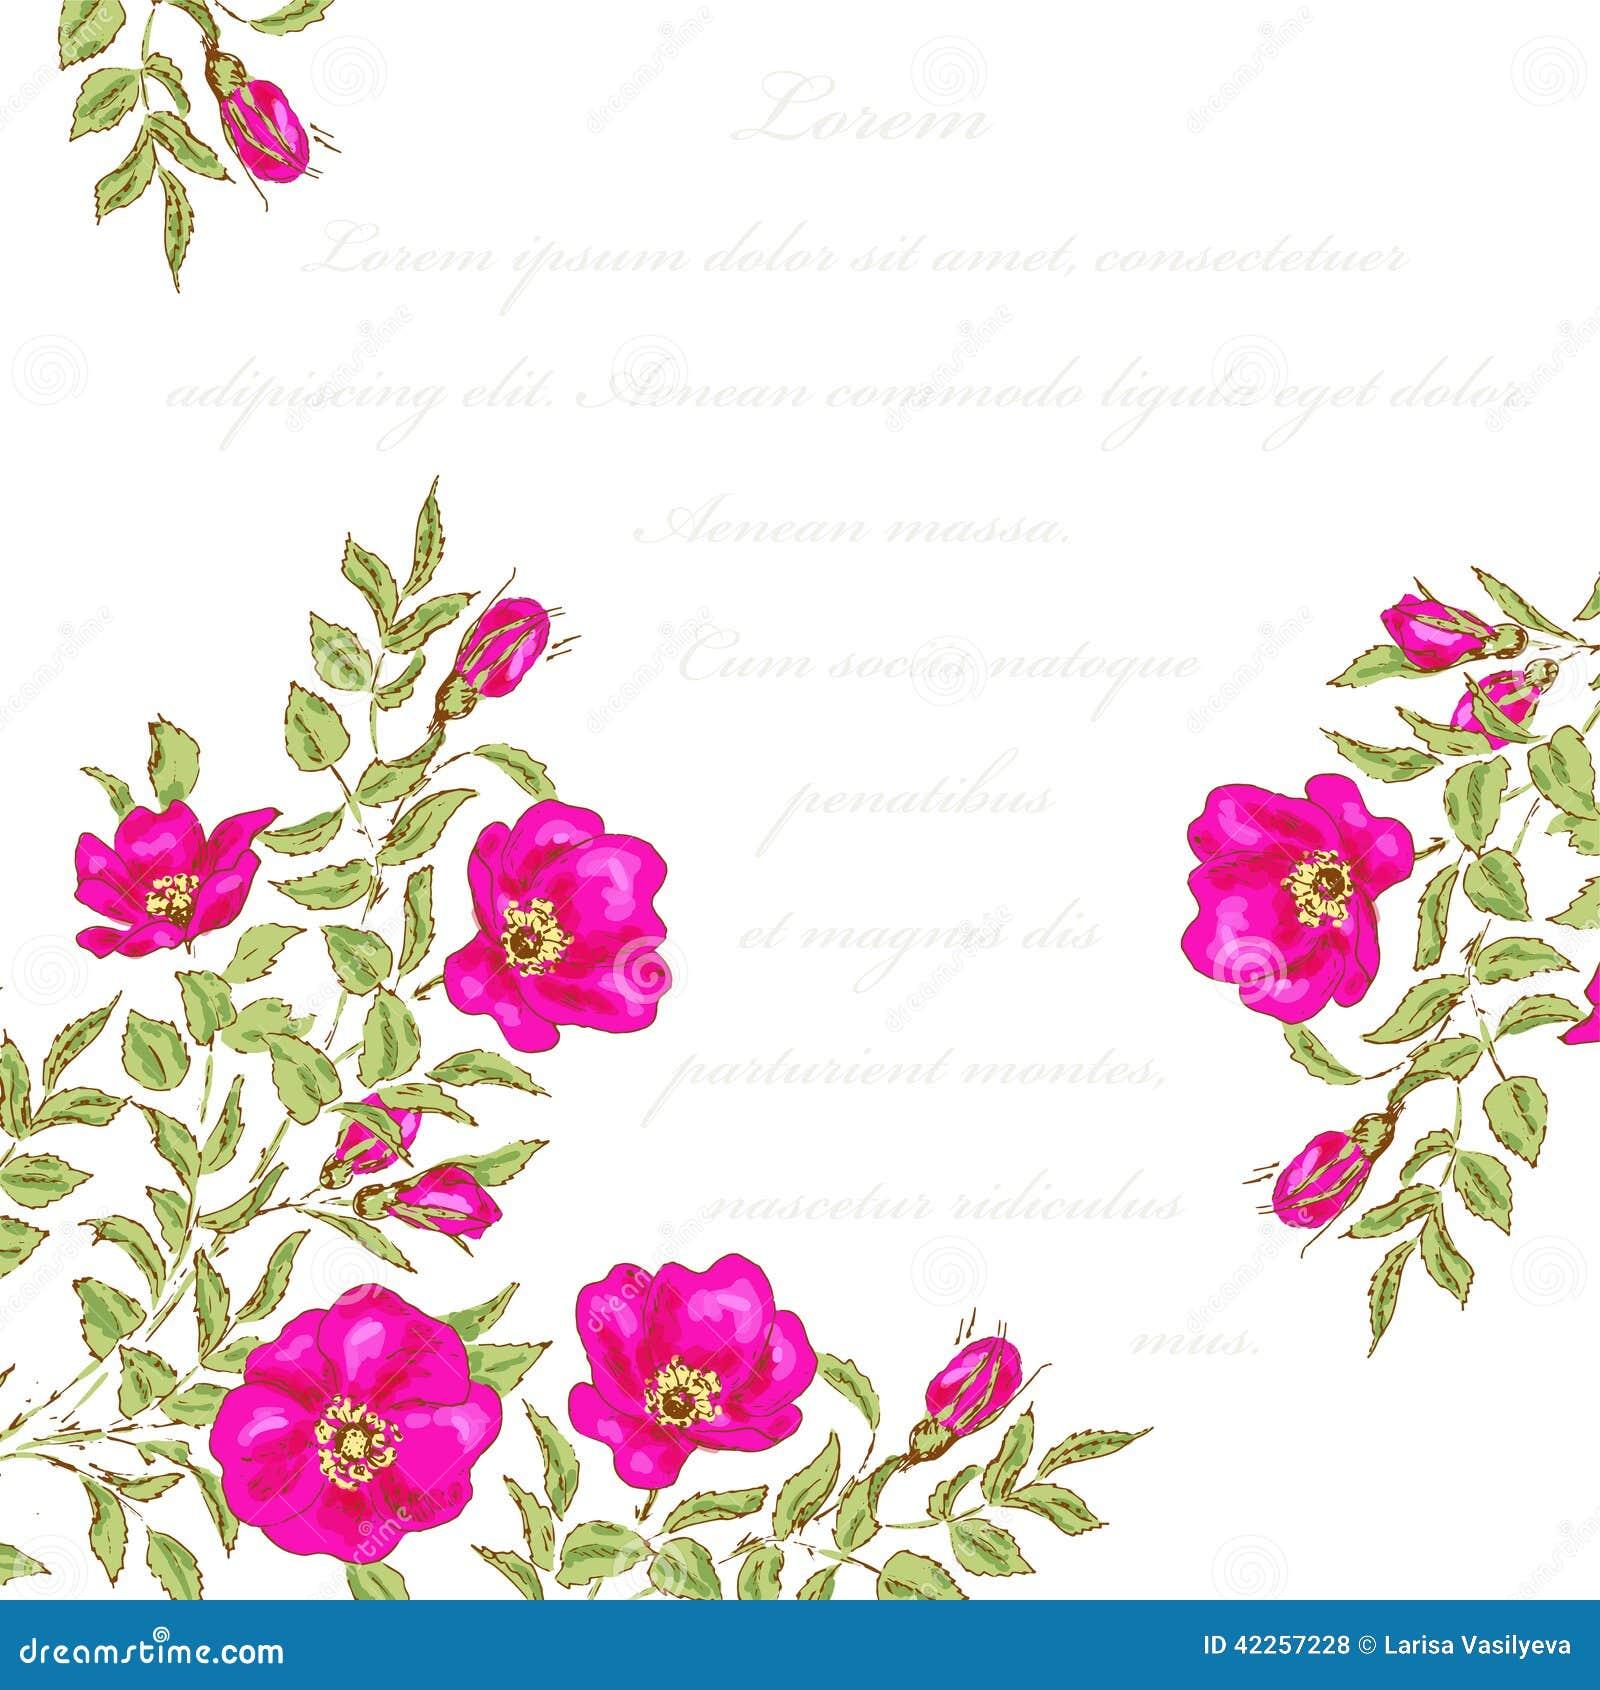 Vintage Flower Background Stock Vector. Illustration Of